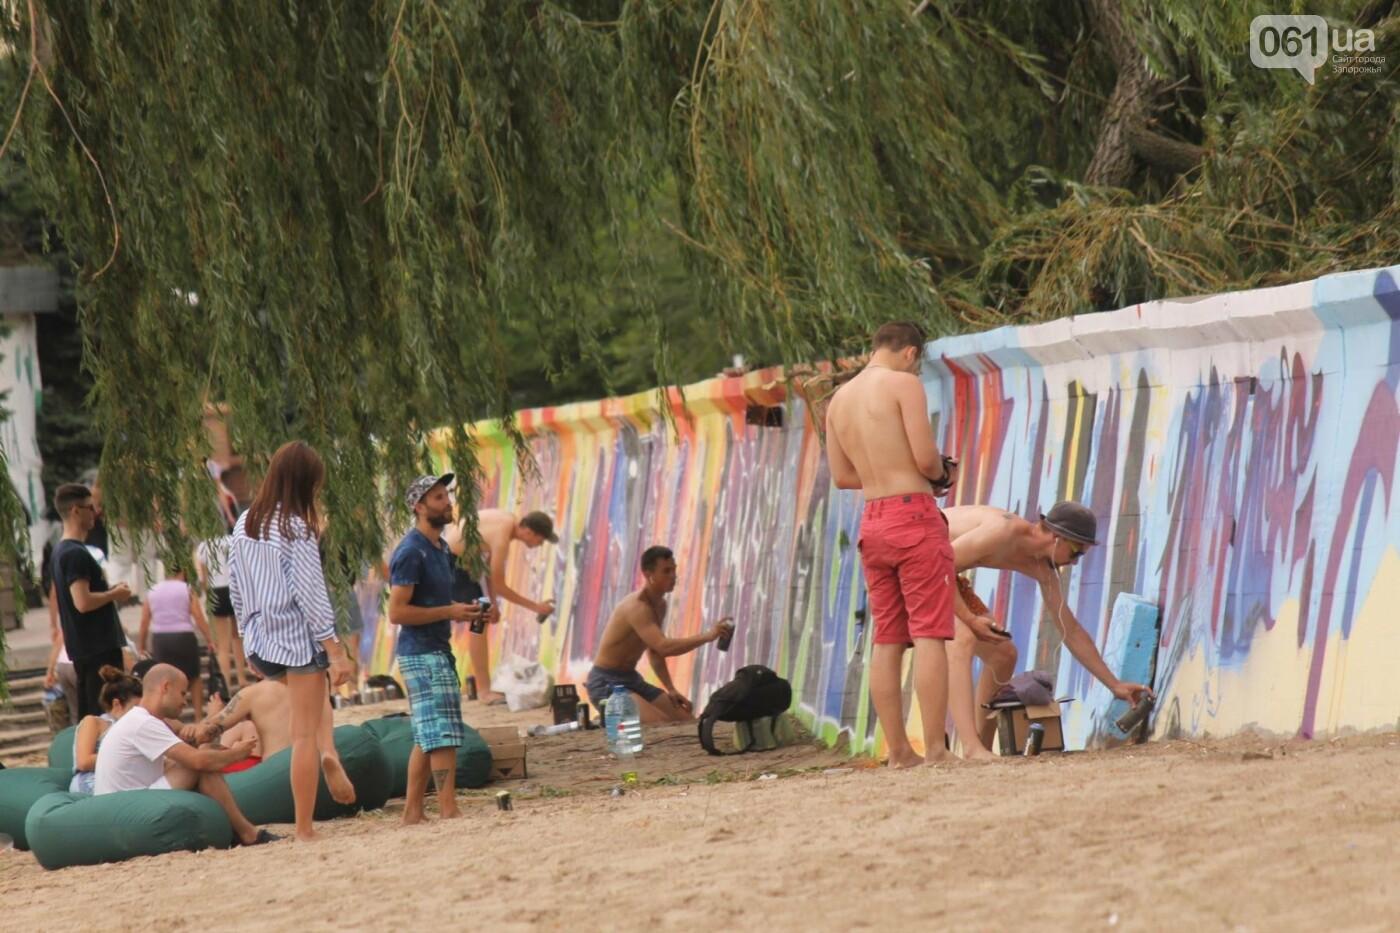 В Запорожье на пляже закончился фестиваль граффити: разрисовали 150 метров бетонной стены, – ФОТОРЕПОРТАЖ, фото-24